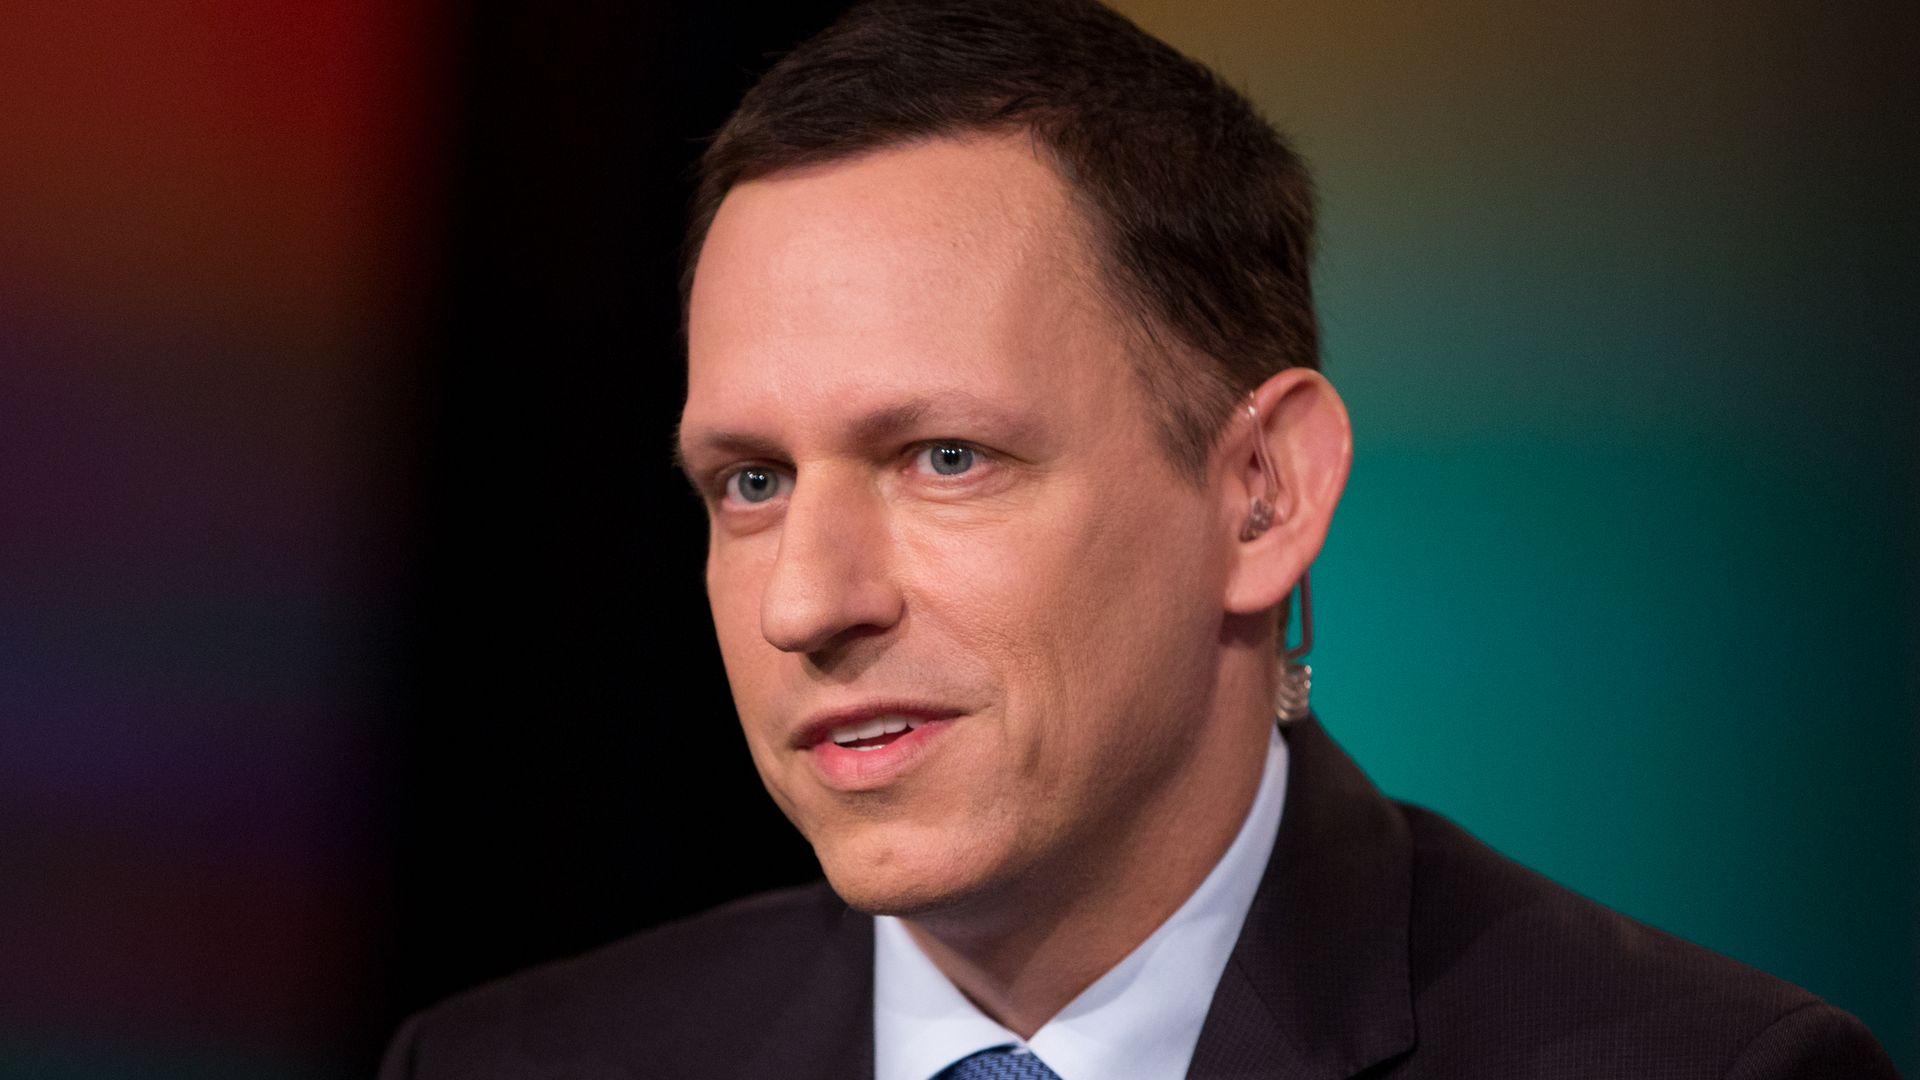 Peter Thiel at an interview